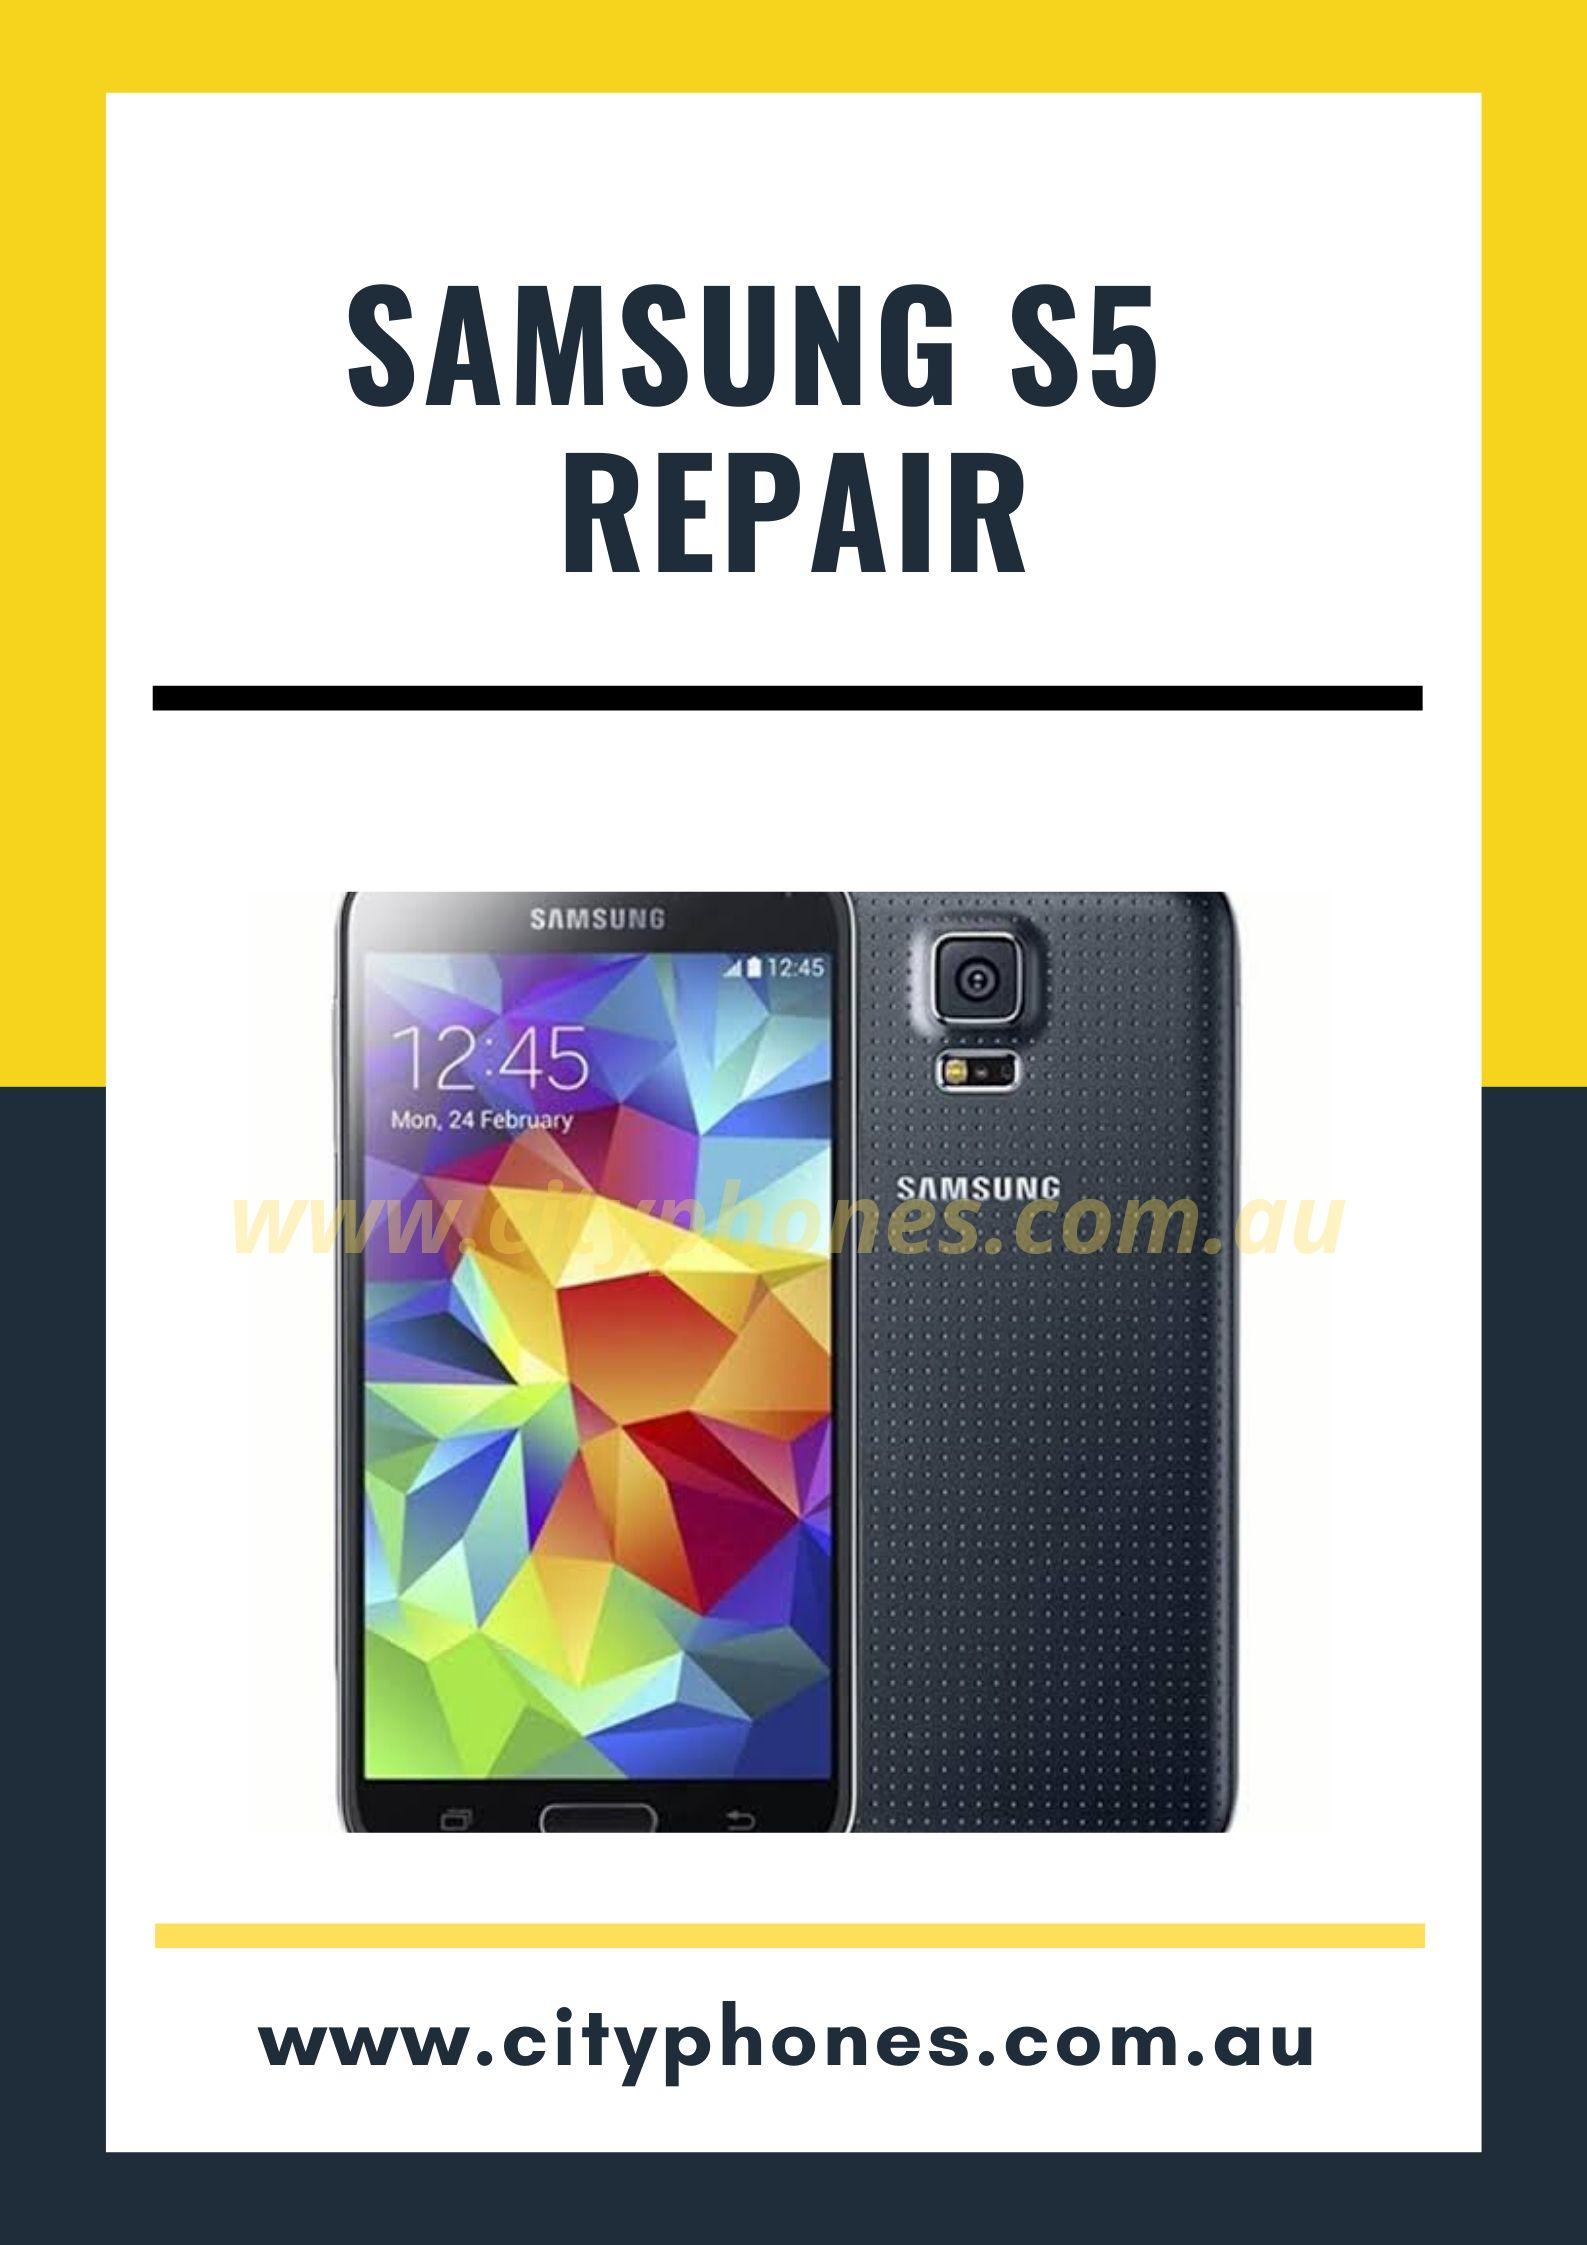 samsung s5 repair